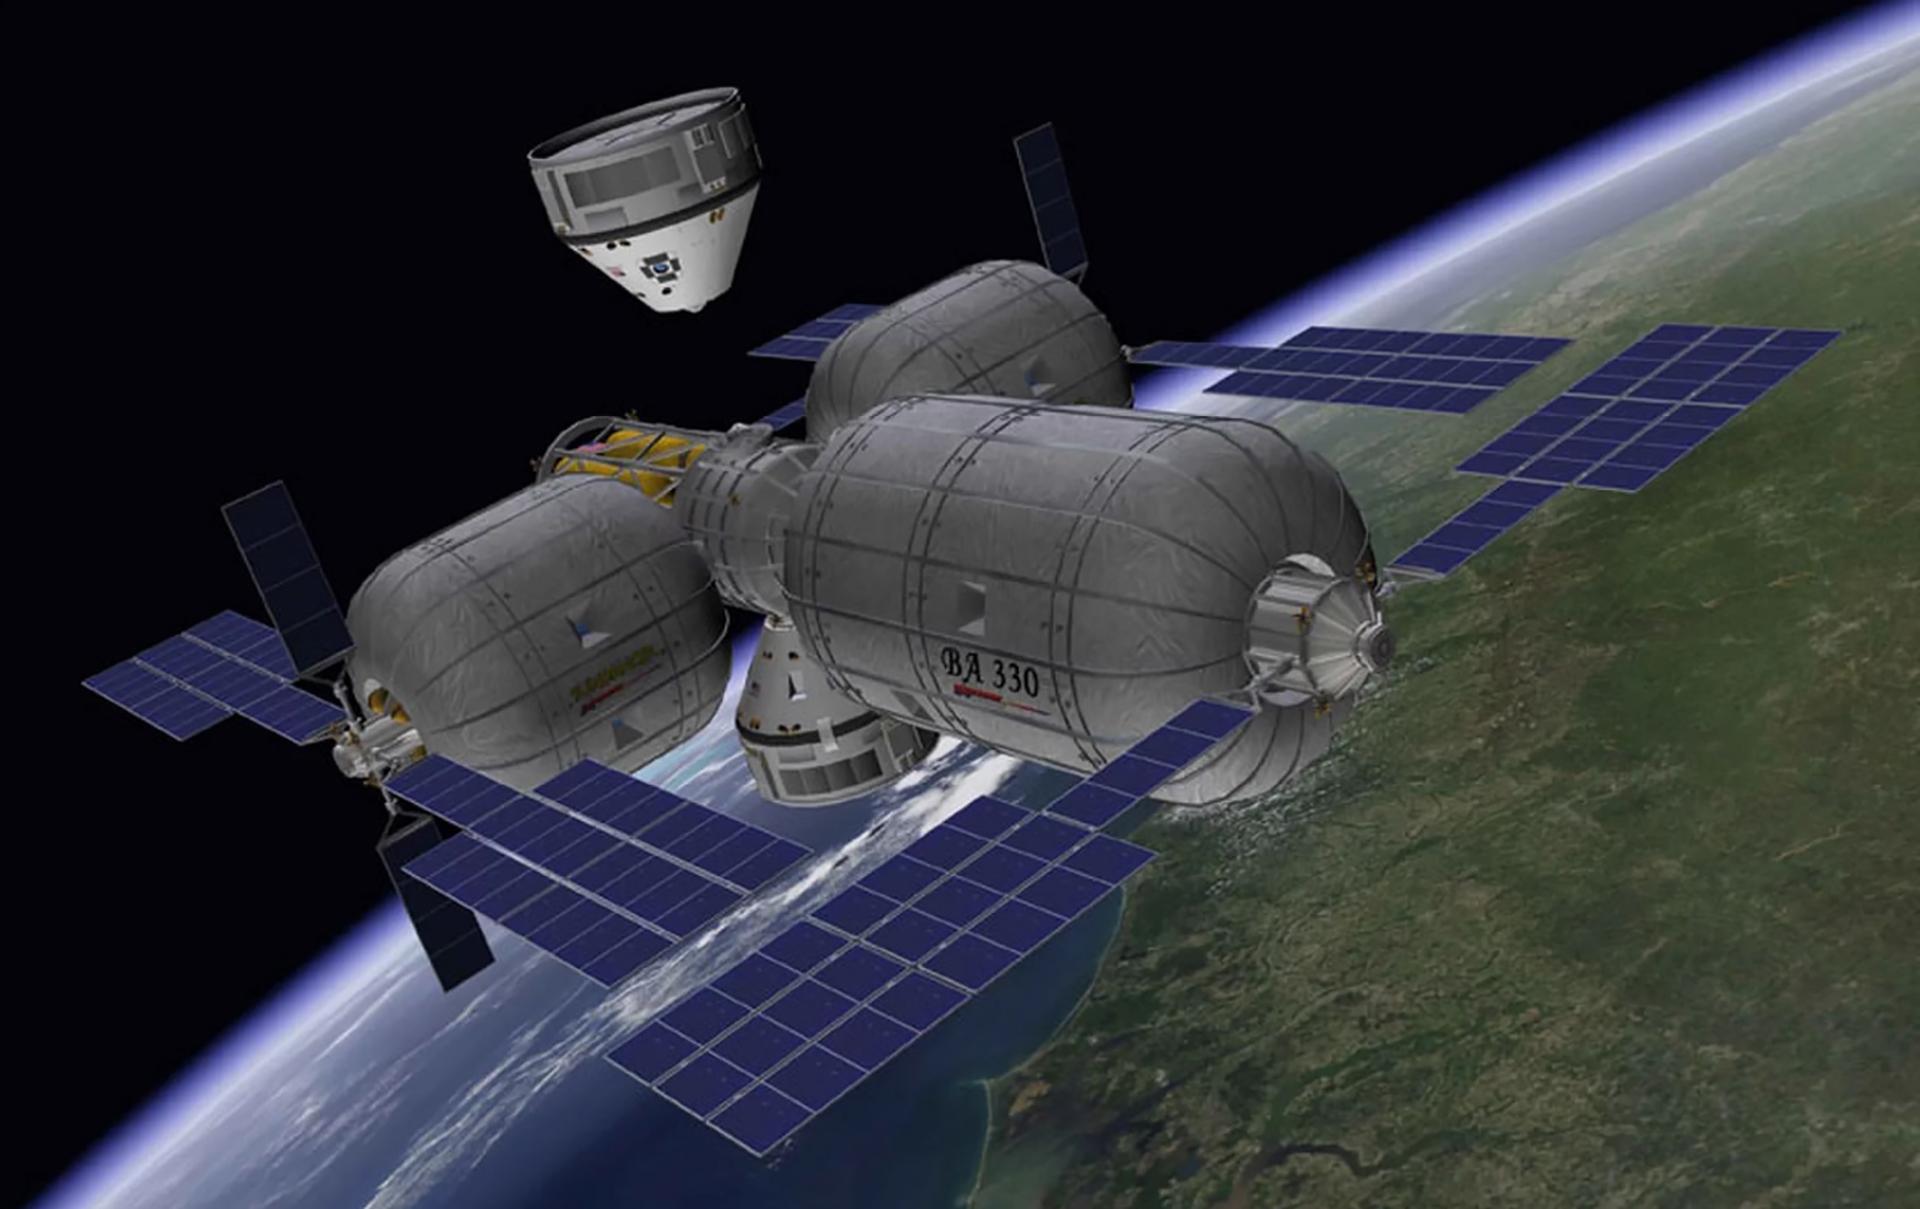 La ilustración de este artista representa una nave espacial CST-100 de Boeing que se acerca a un complejo de estación espacial inflable privada diseñada para vivir en el espacio